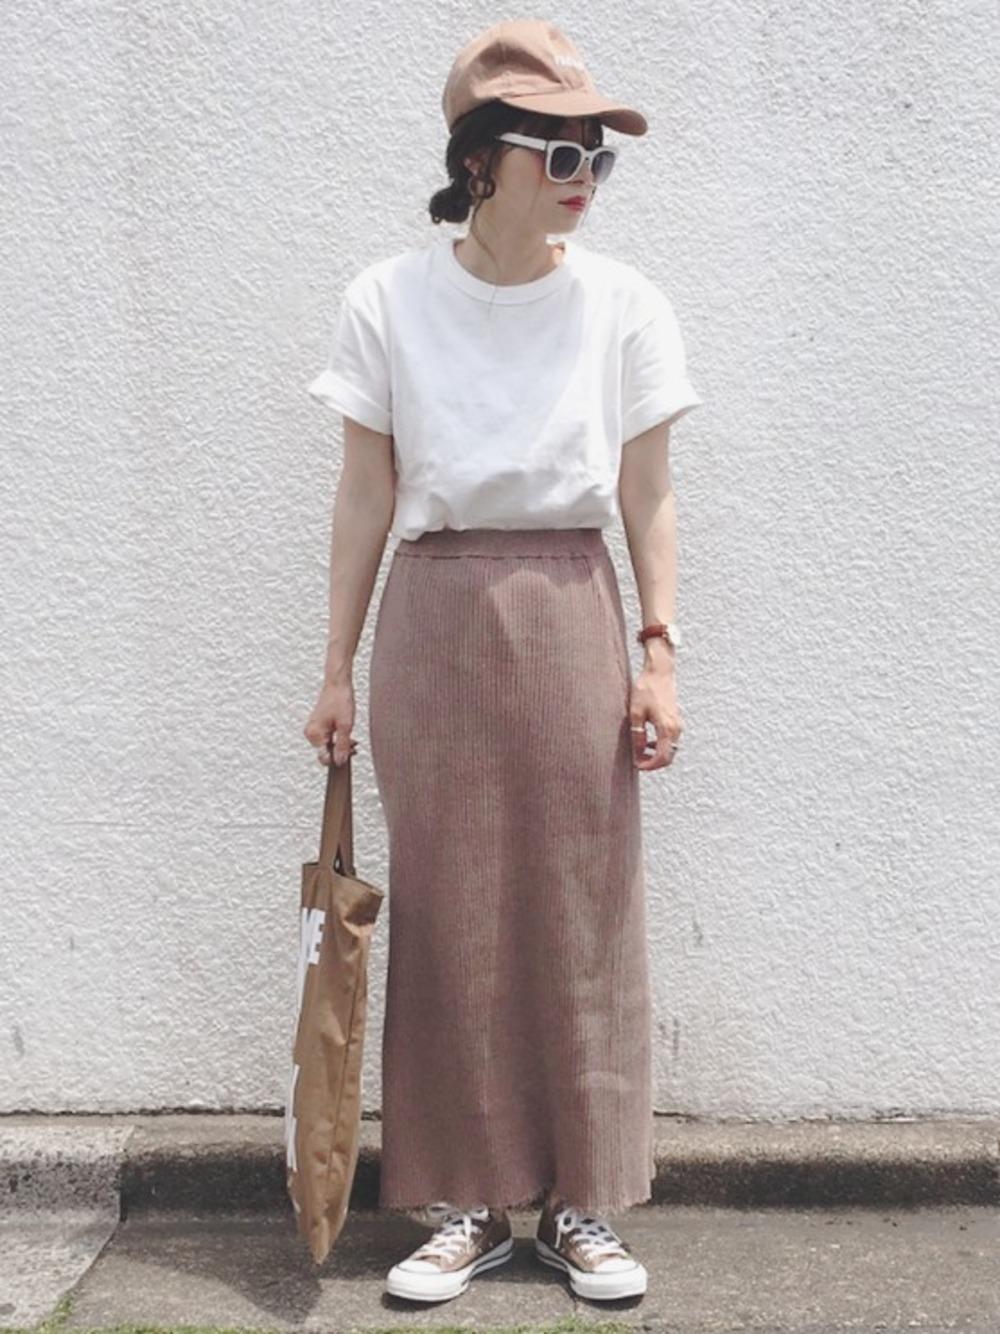 ブラウンスカートは万能アイテムです